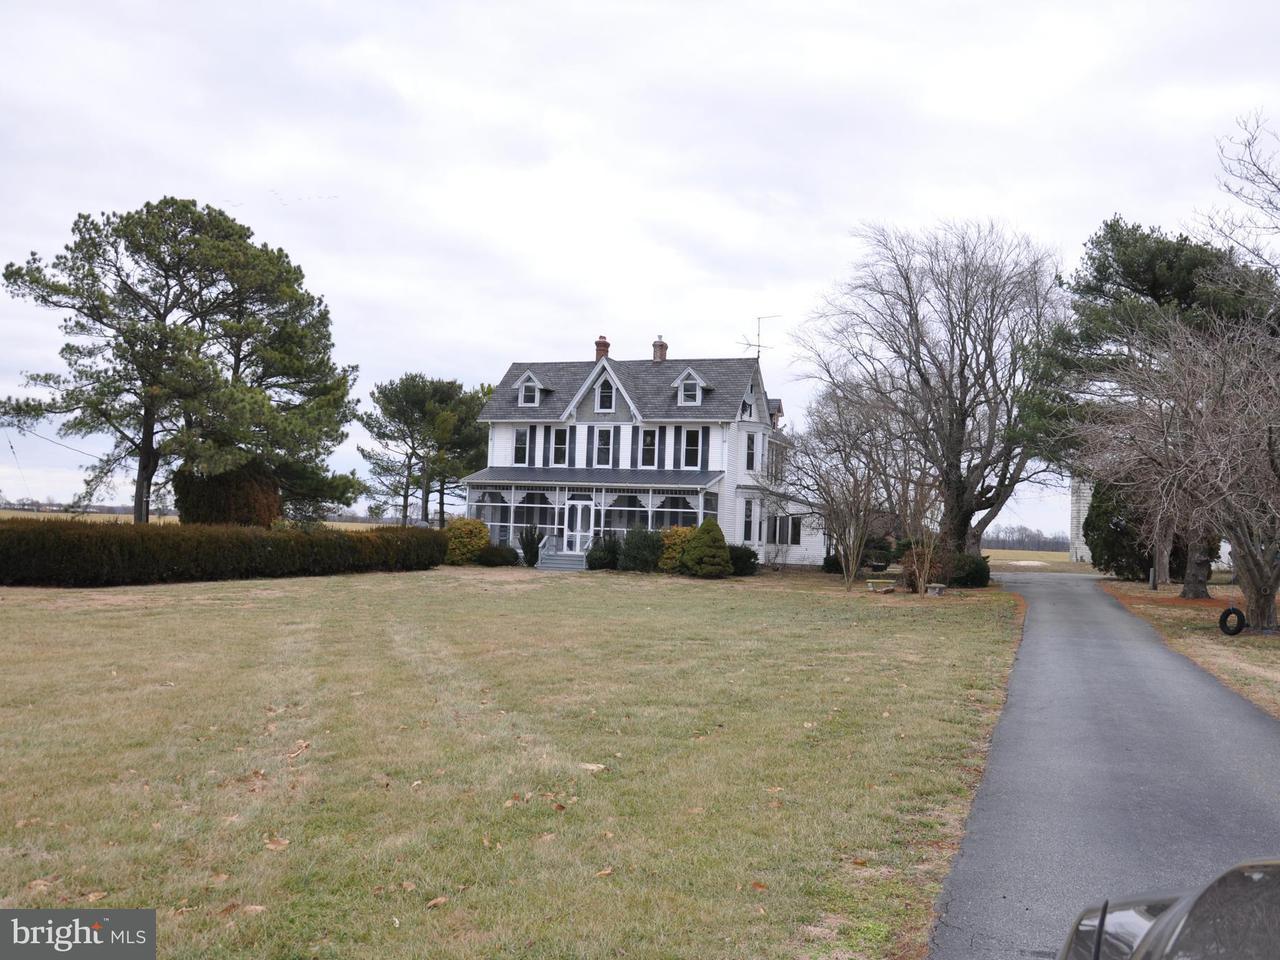 Fazenda / Quinta para Venda às 11571 Galena Road E 11571 Galena Road E Massey, Maryland 21650 Estados Unidos